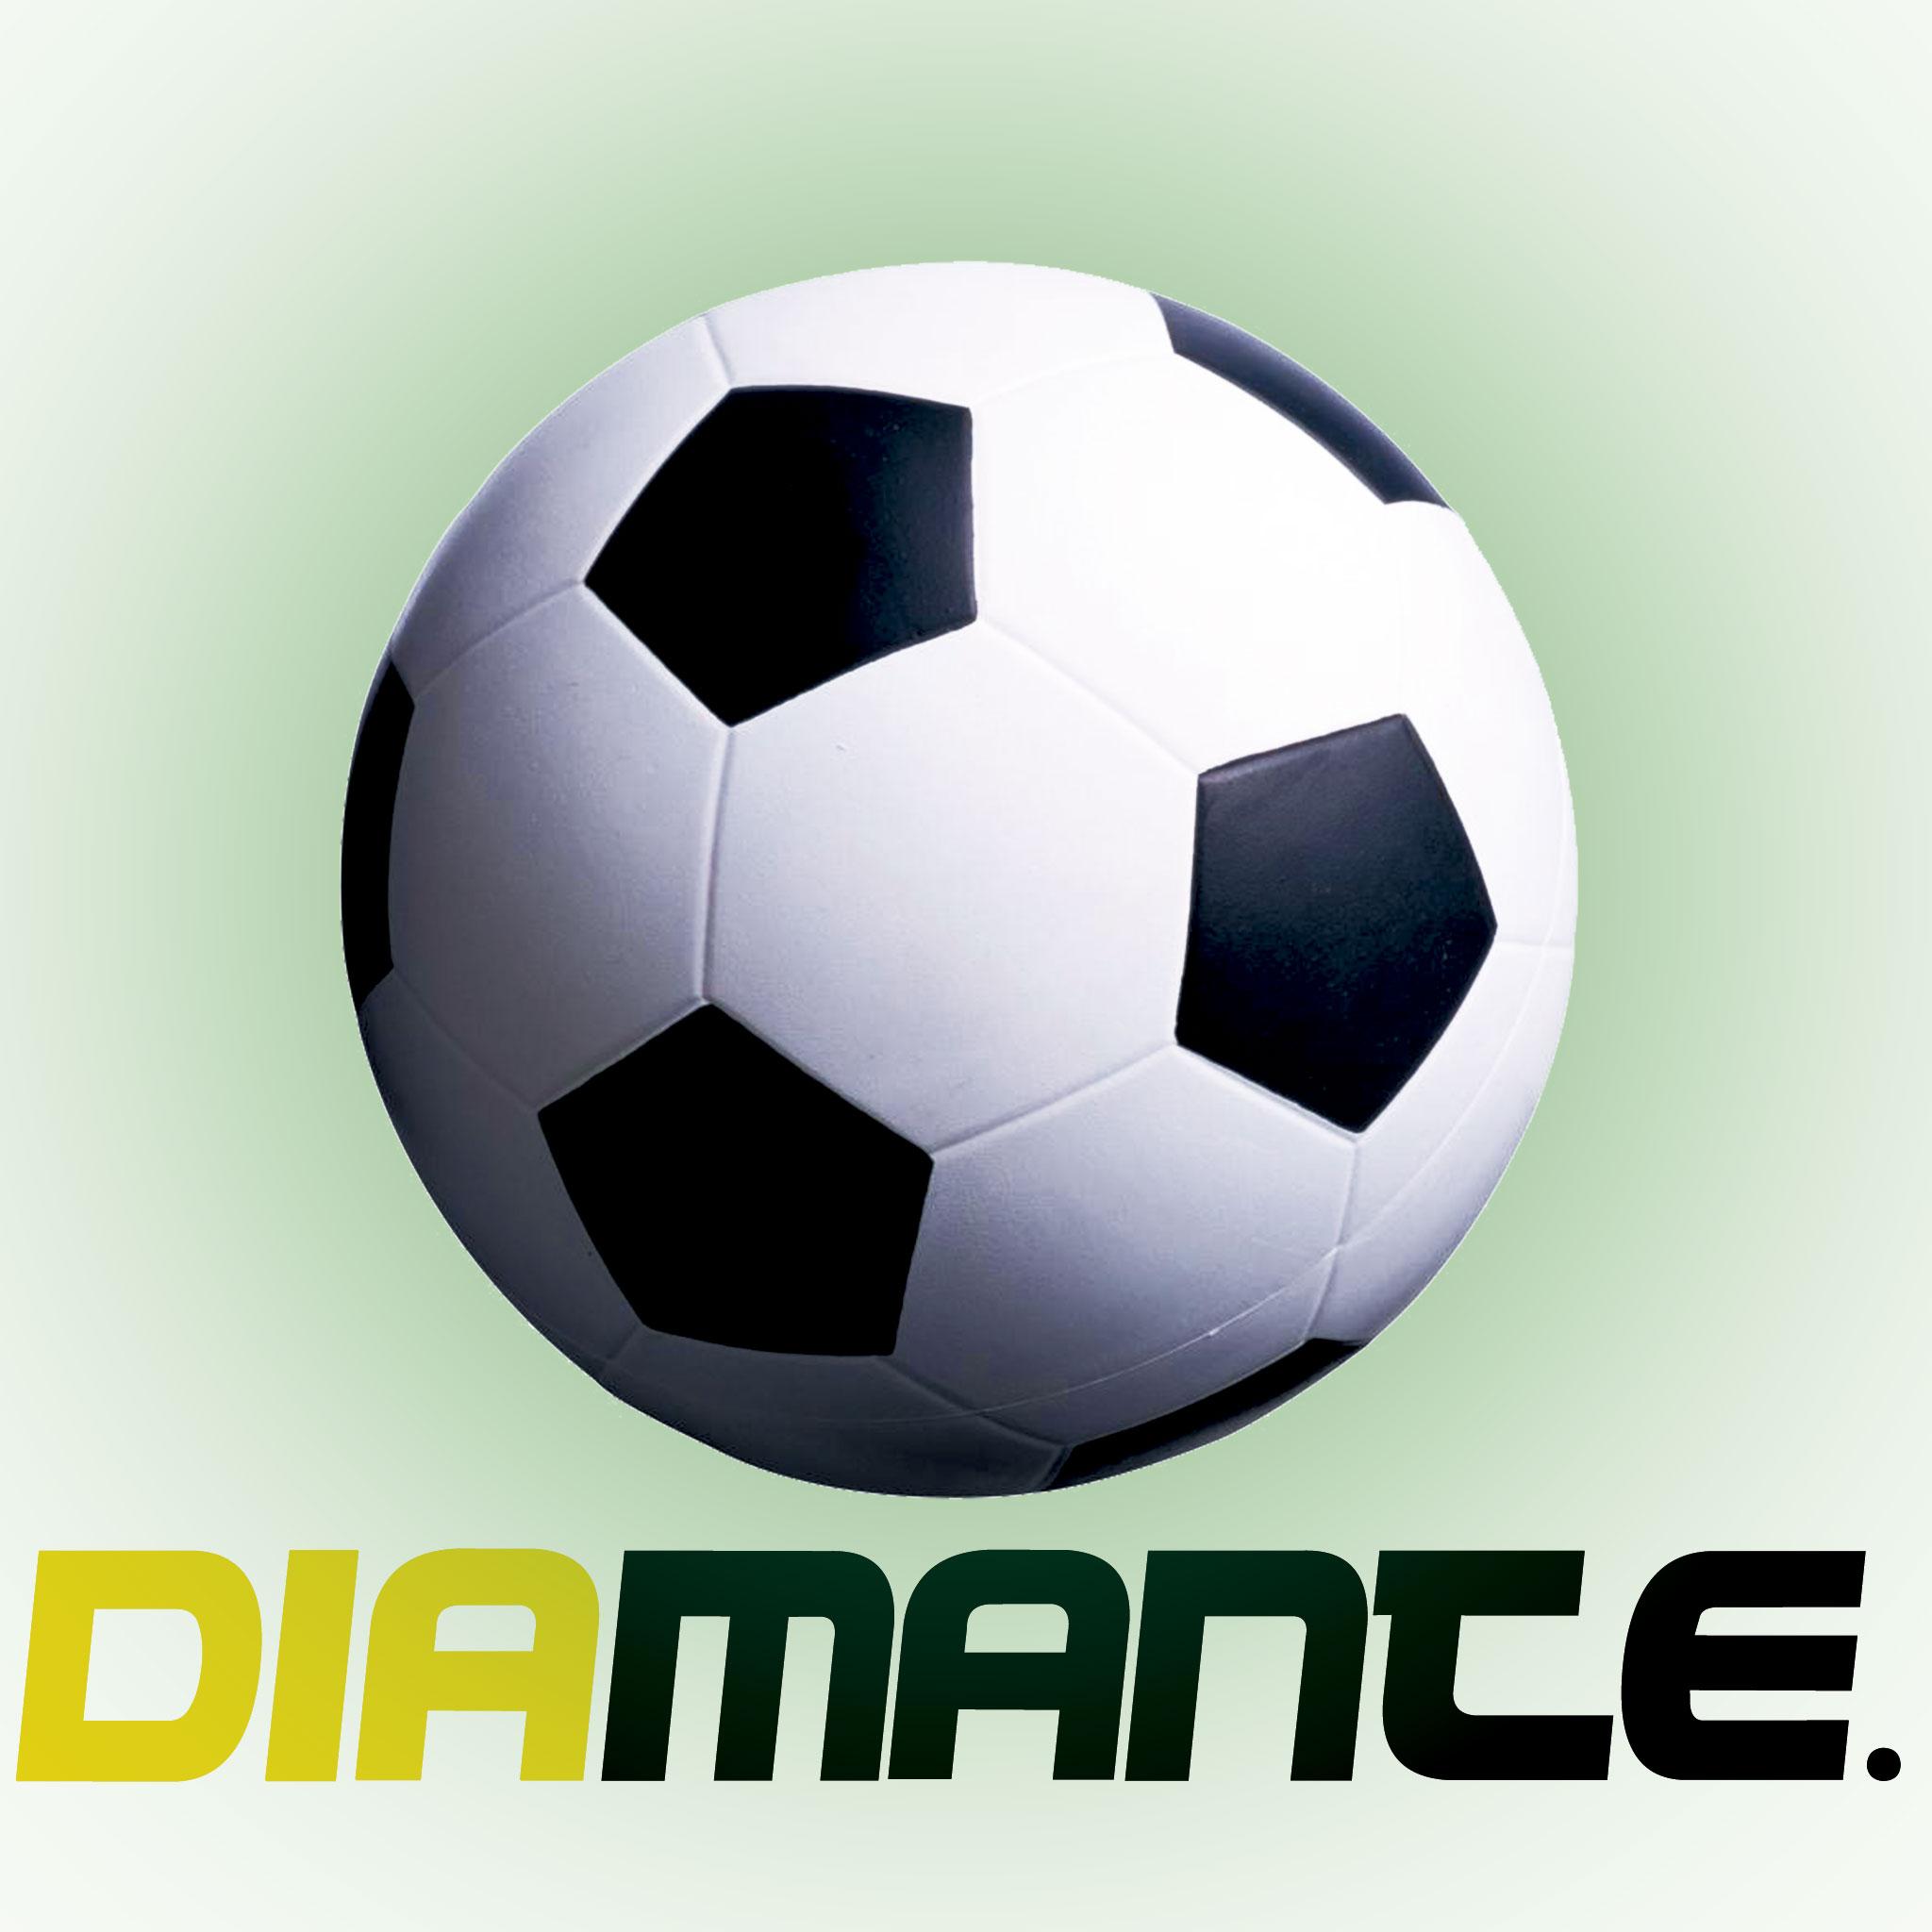 Futbol Diamante